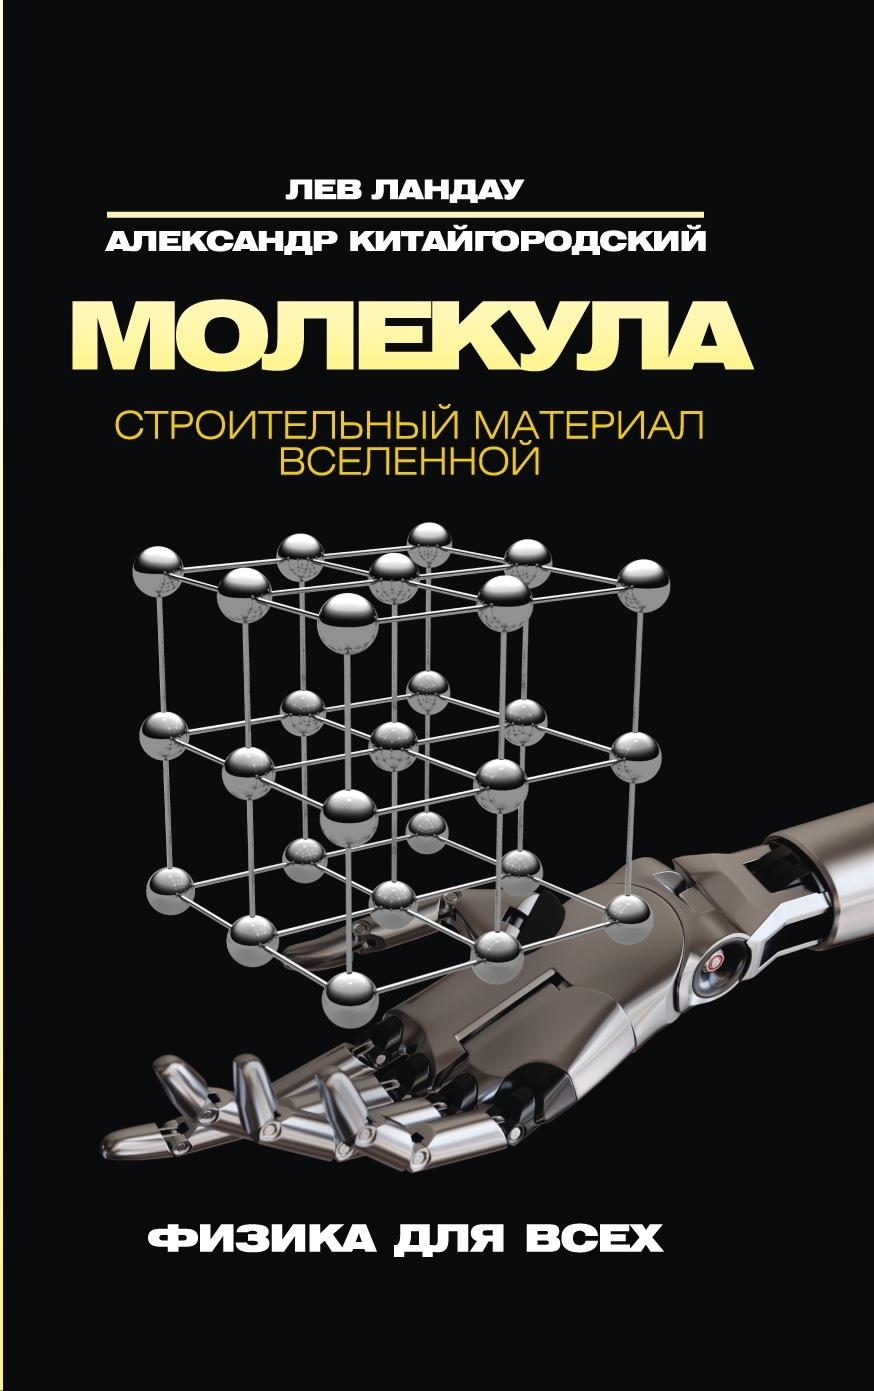 Возьмем книгу в руки 38/11/53/38115318.bin.dir/38115318.cover.jpg обложка